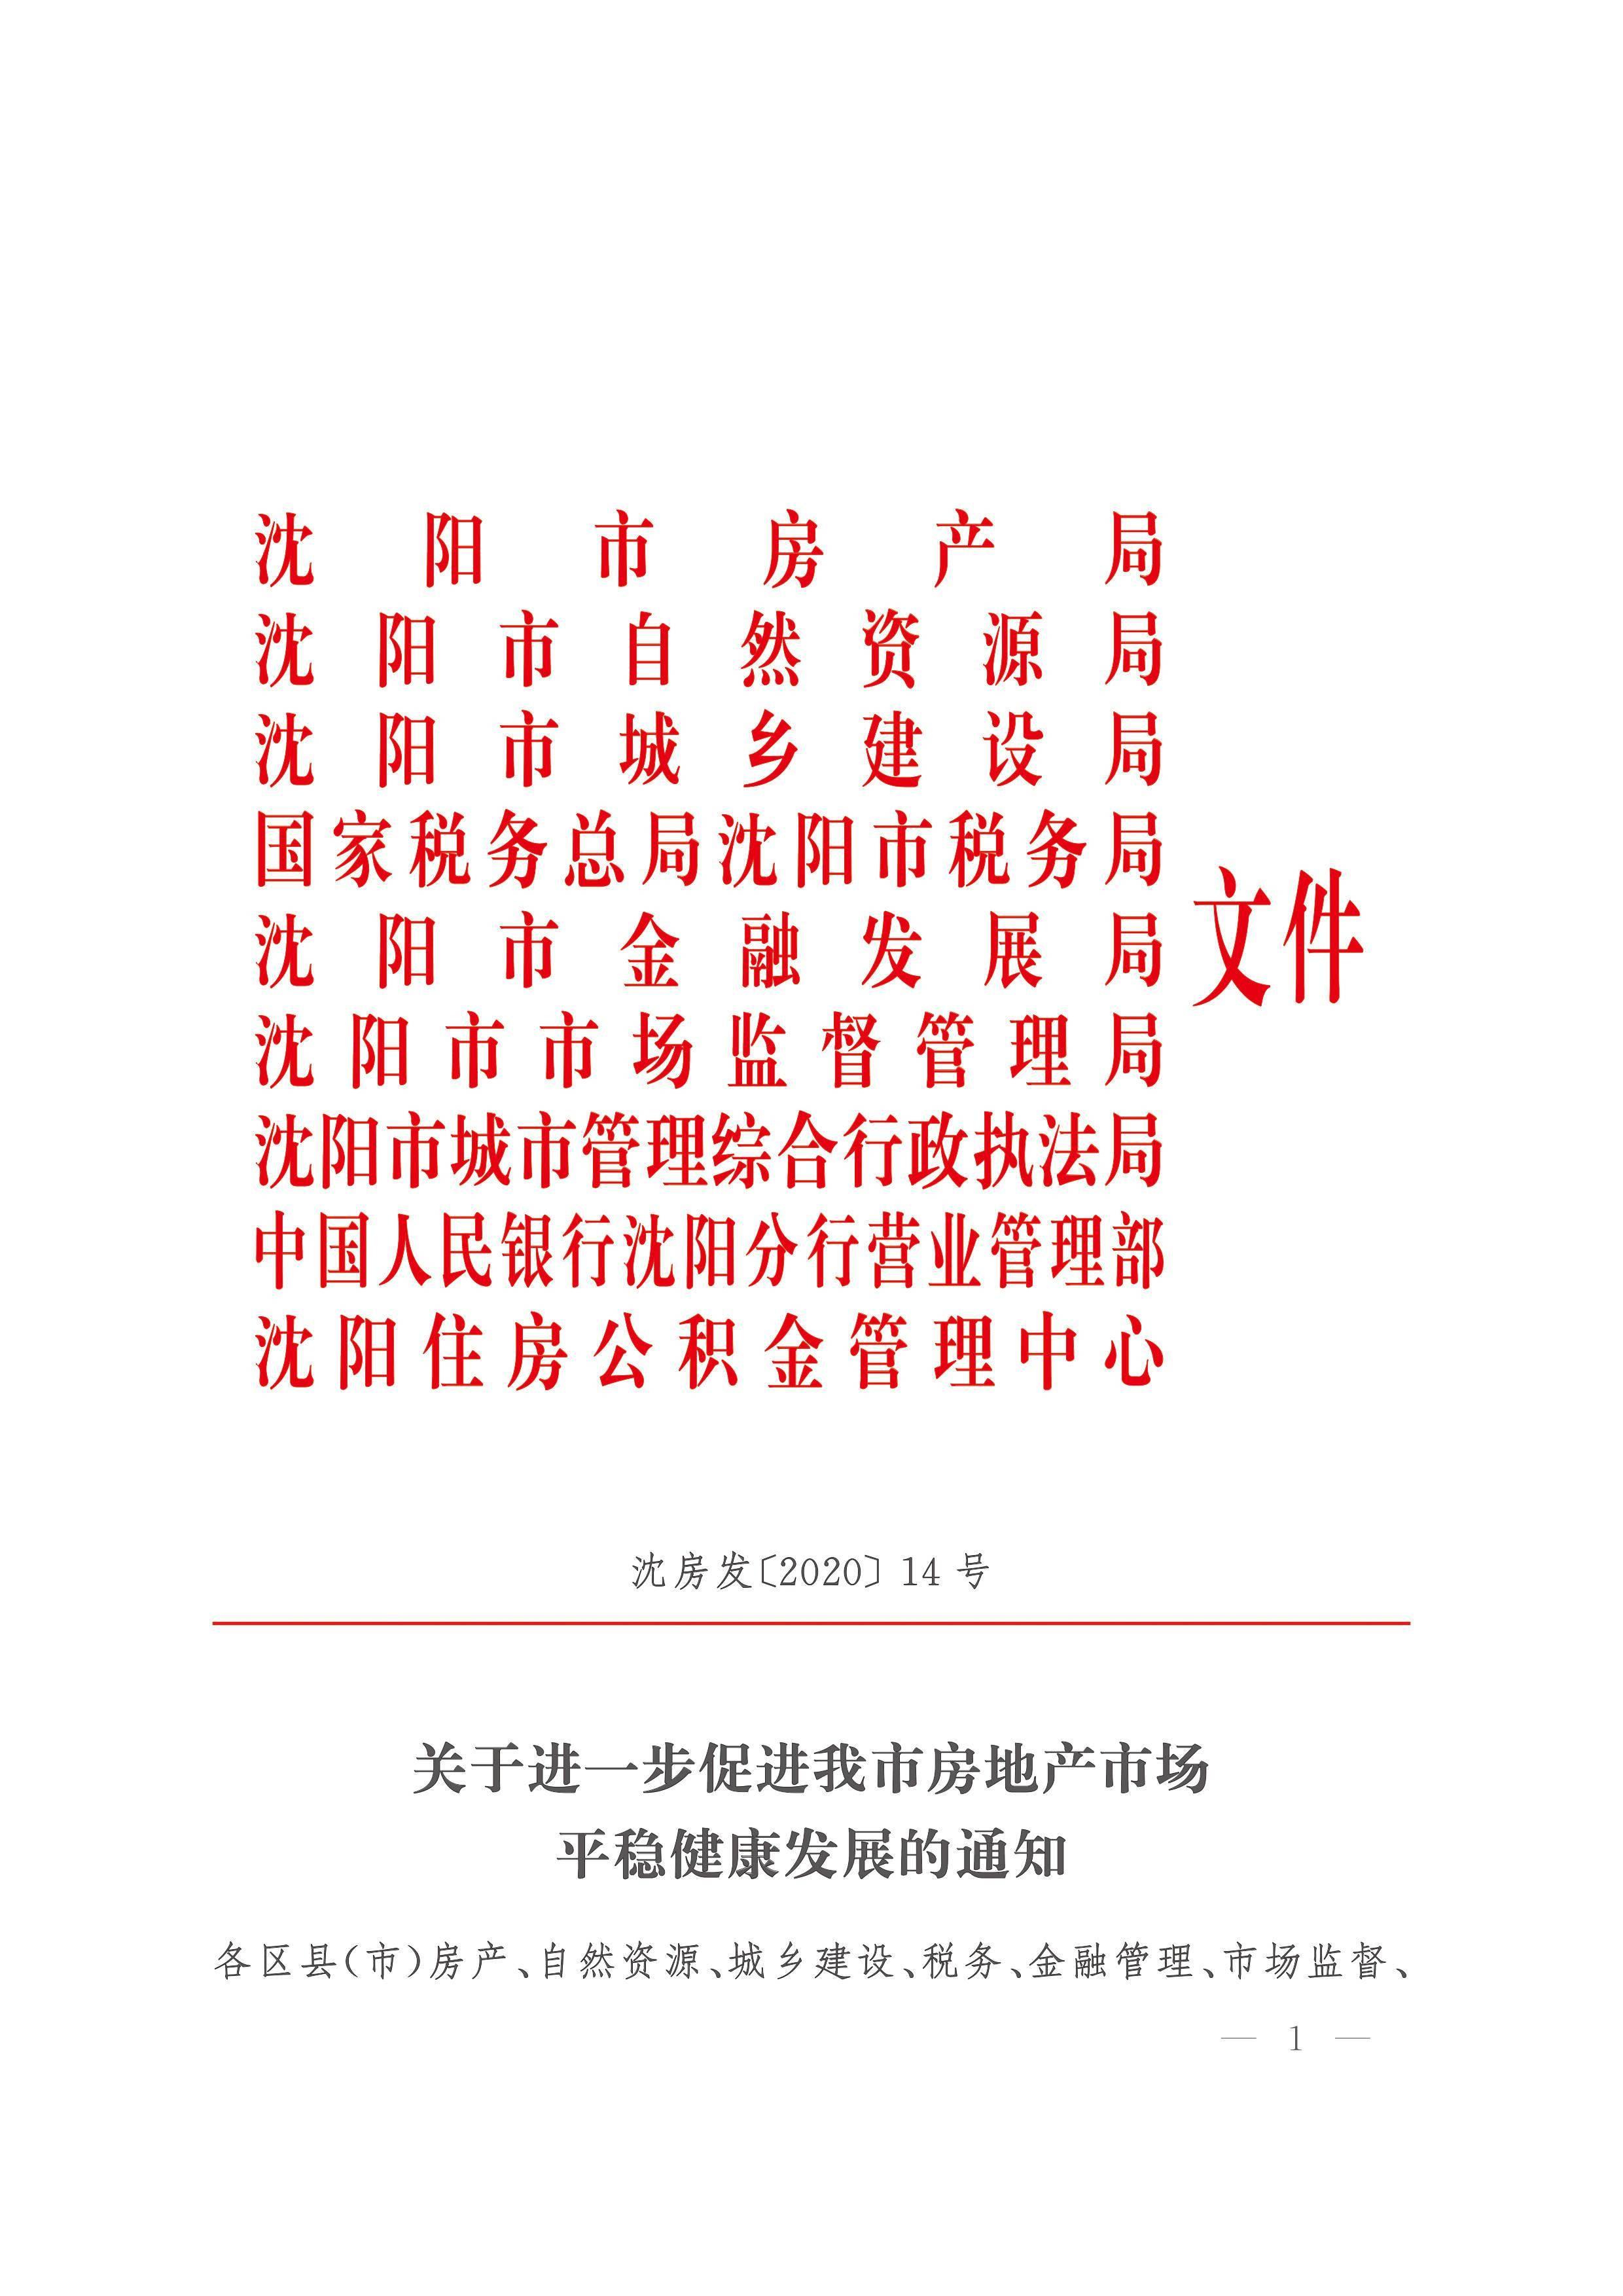 美国MTL授权中国企业PM0.07级面罩专利